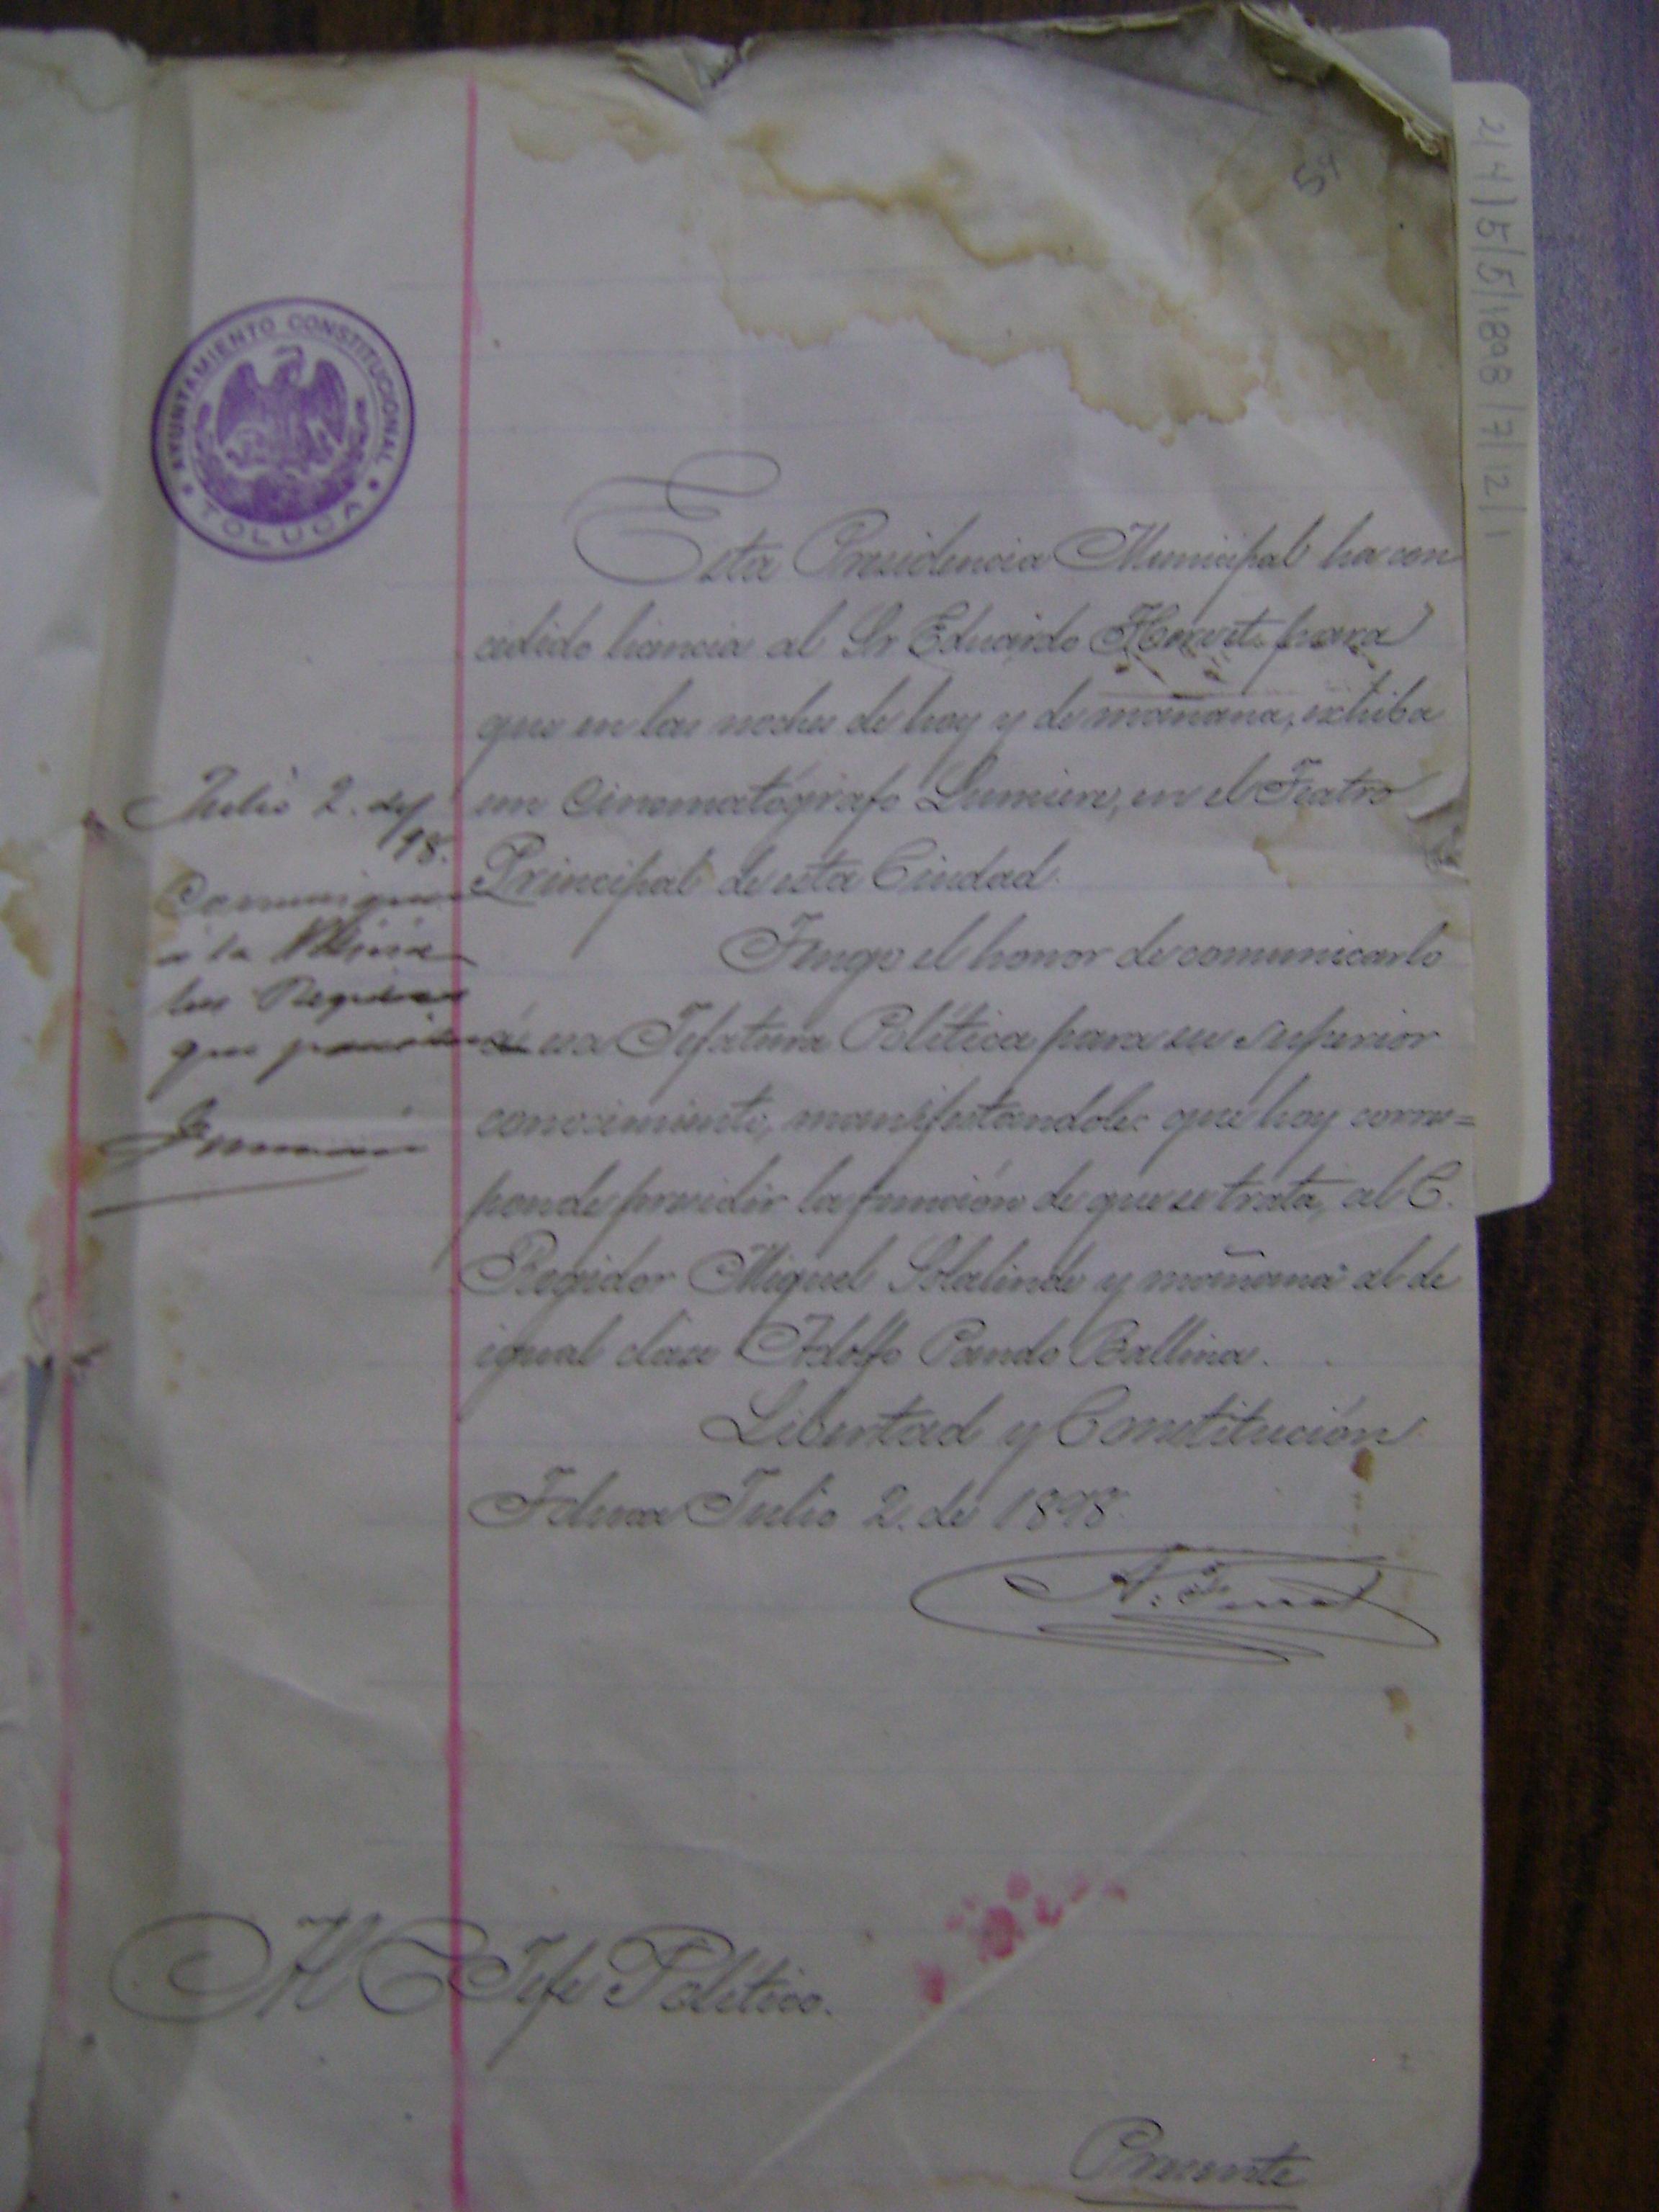 Autorización a favor de Eduardo Hervet para exhibir el cinematógrafo en Toluca fechada el 2 de julio de 1898